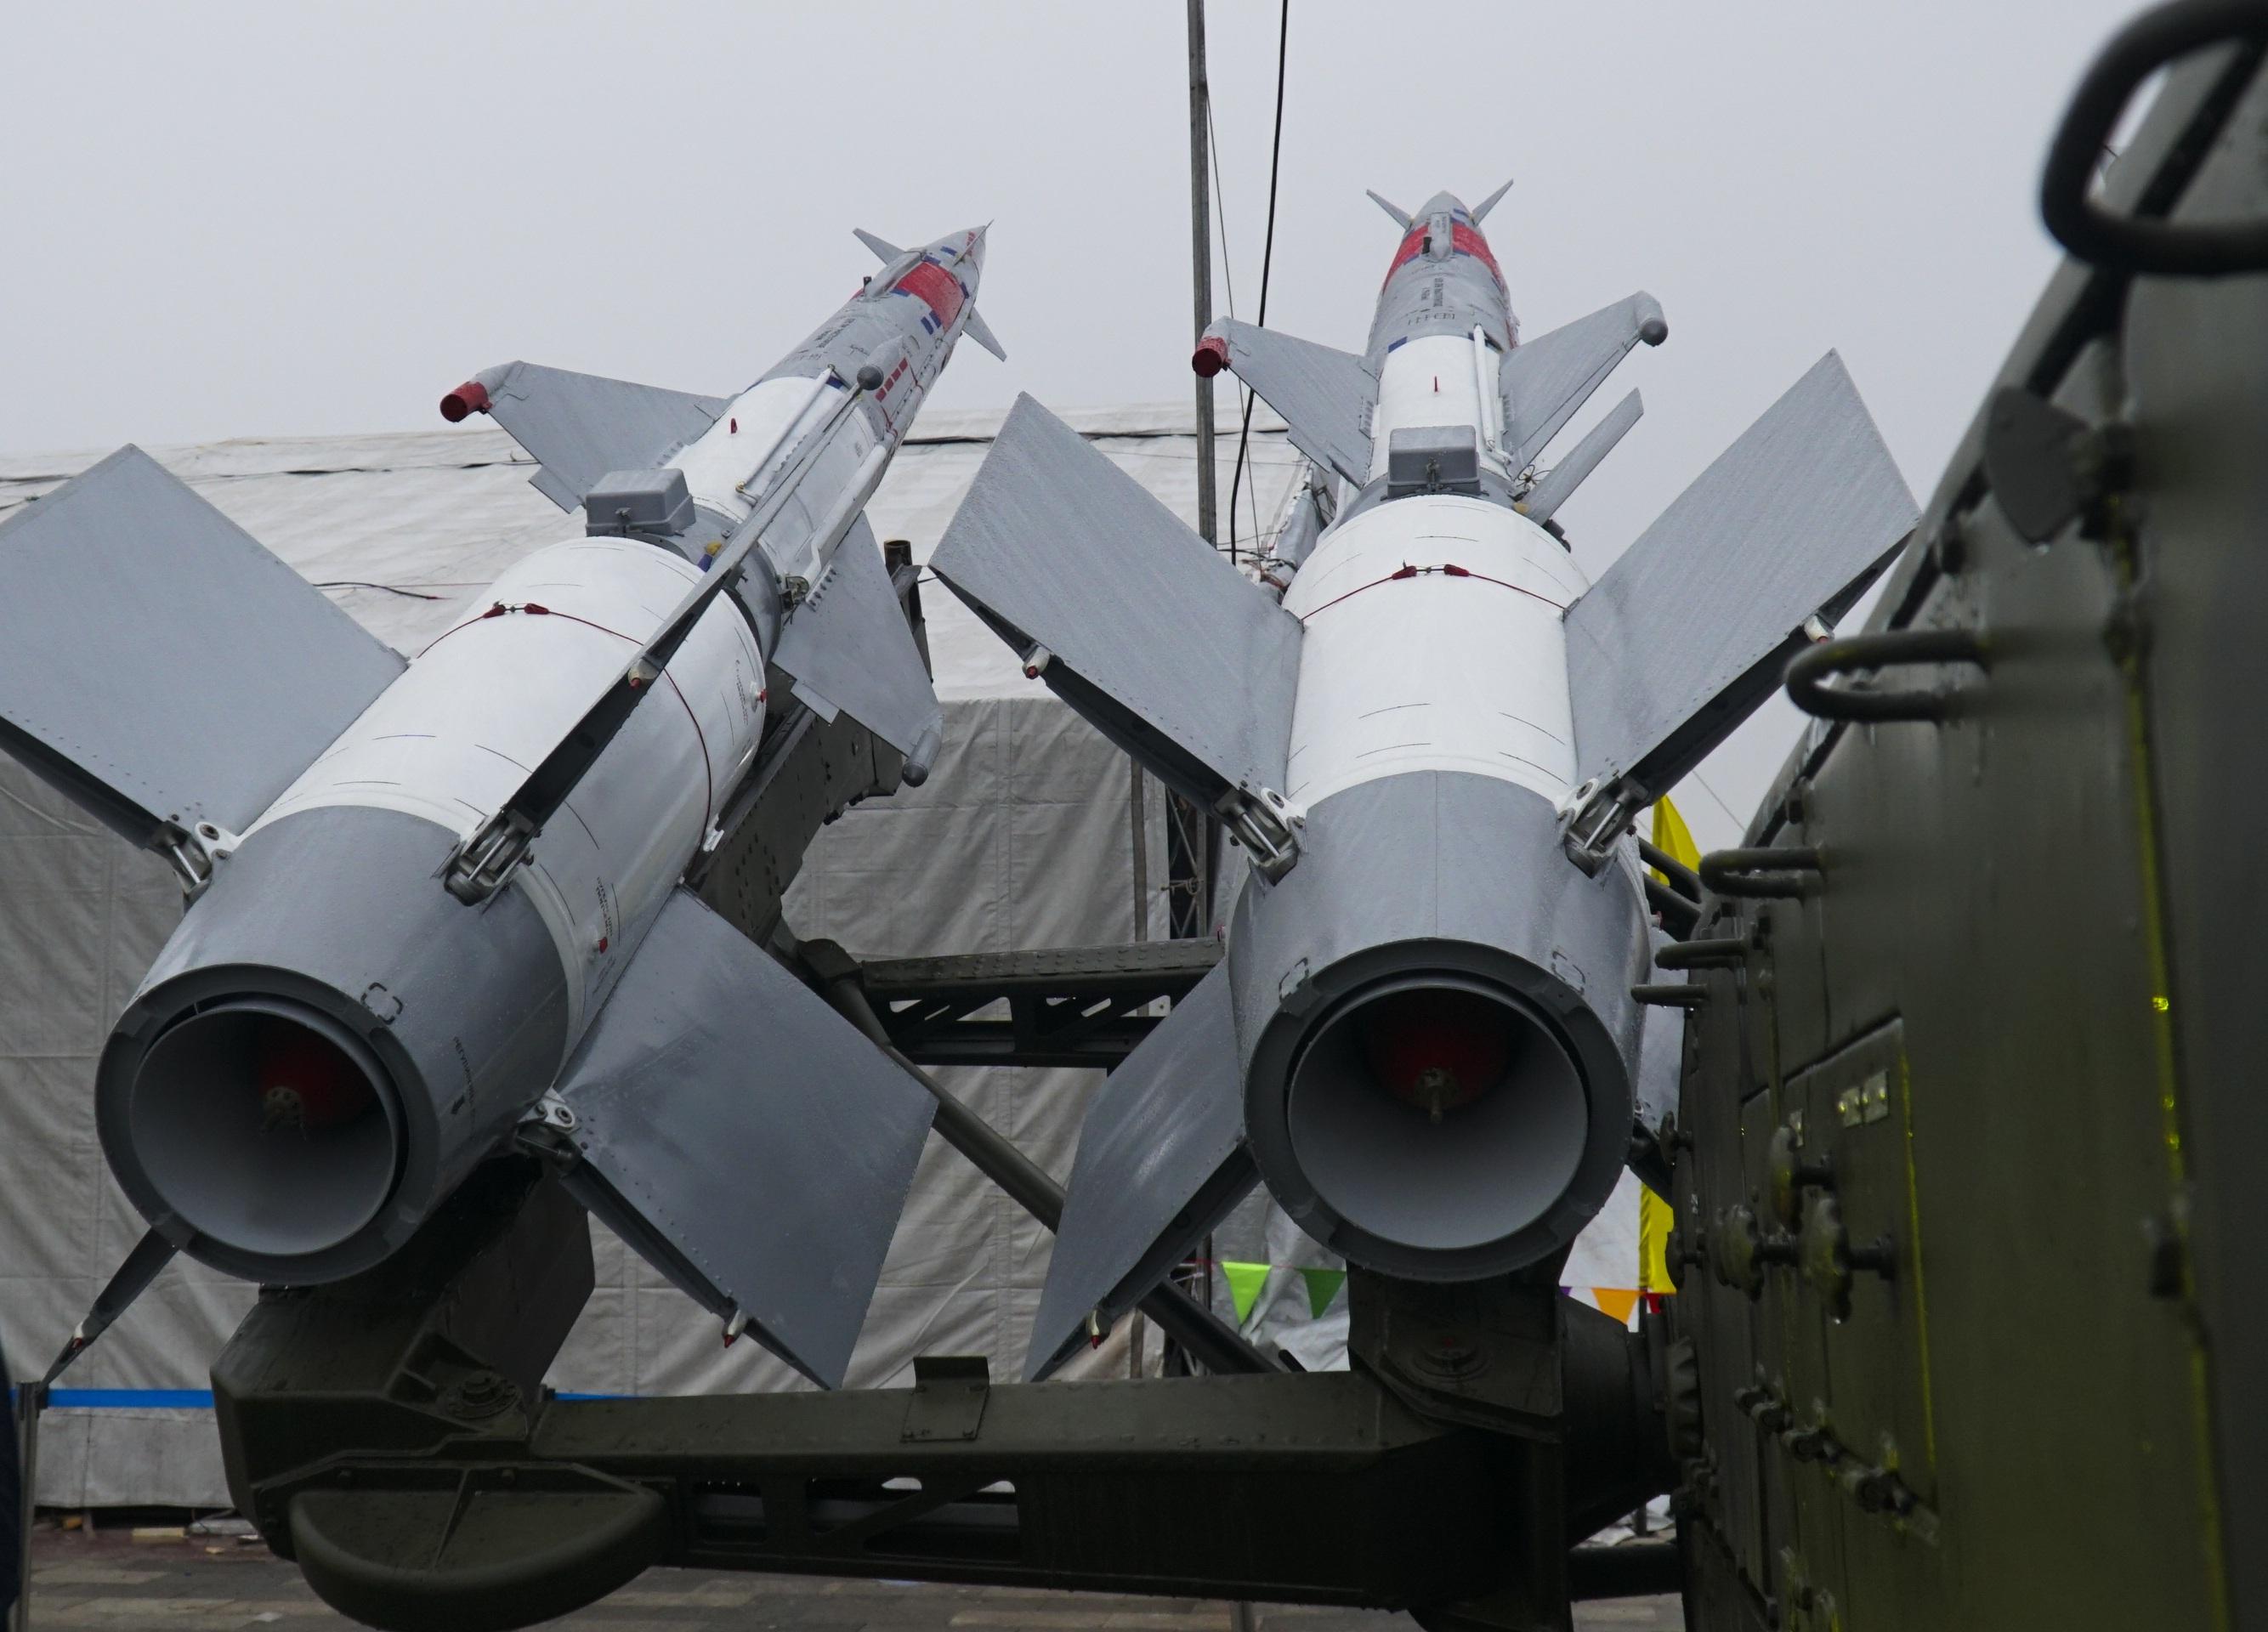 Hàng loạt vũ khí tối tân được Bộ Quốc phòng trưng bày tại Thái Nguyên - 19